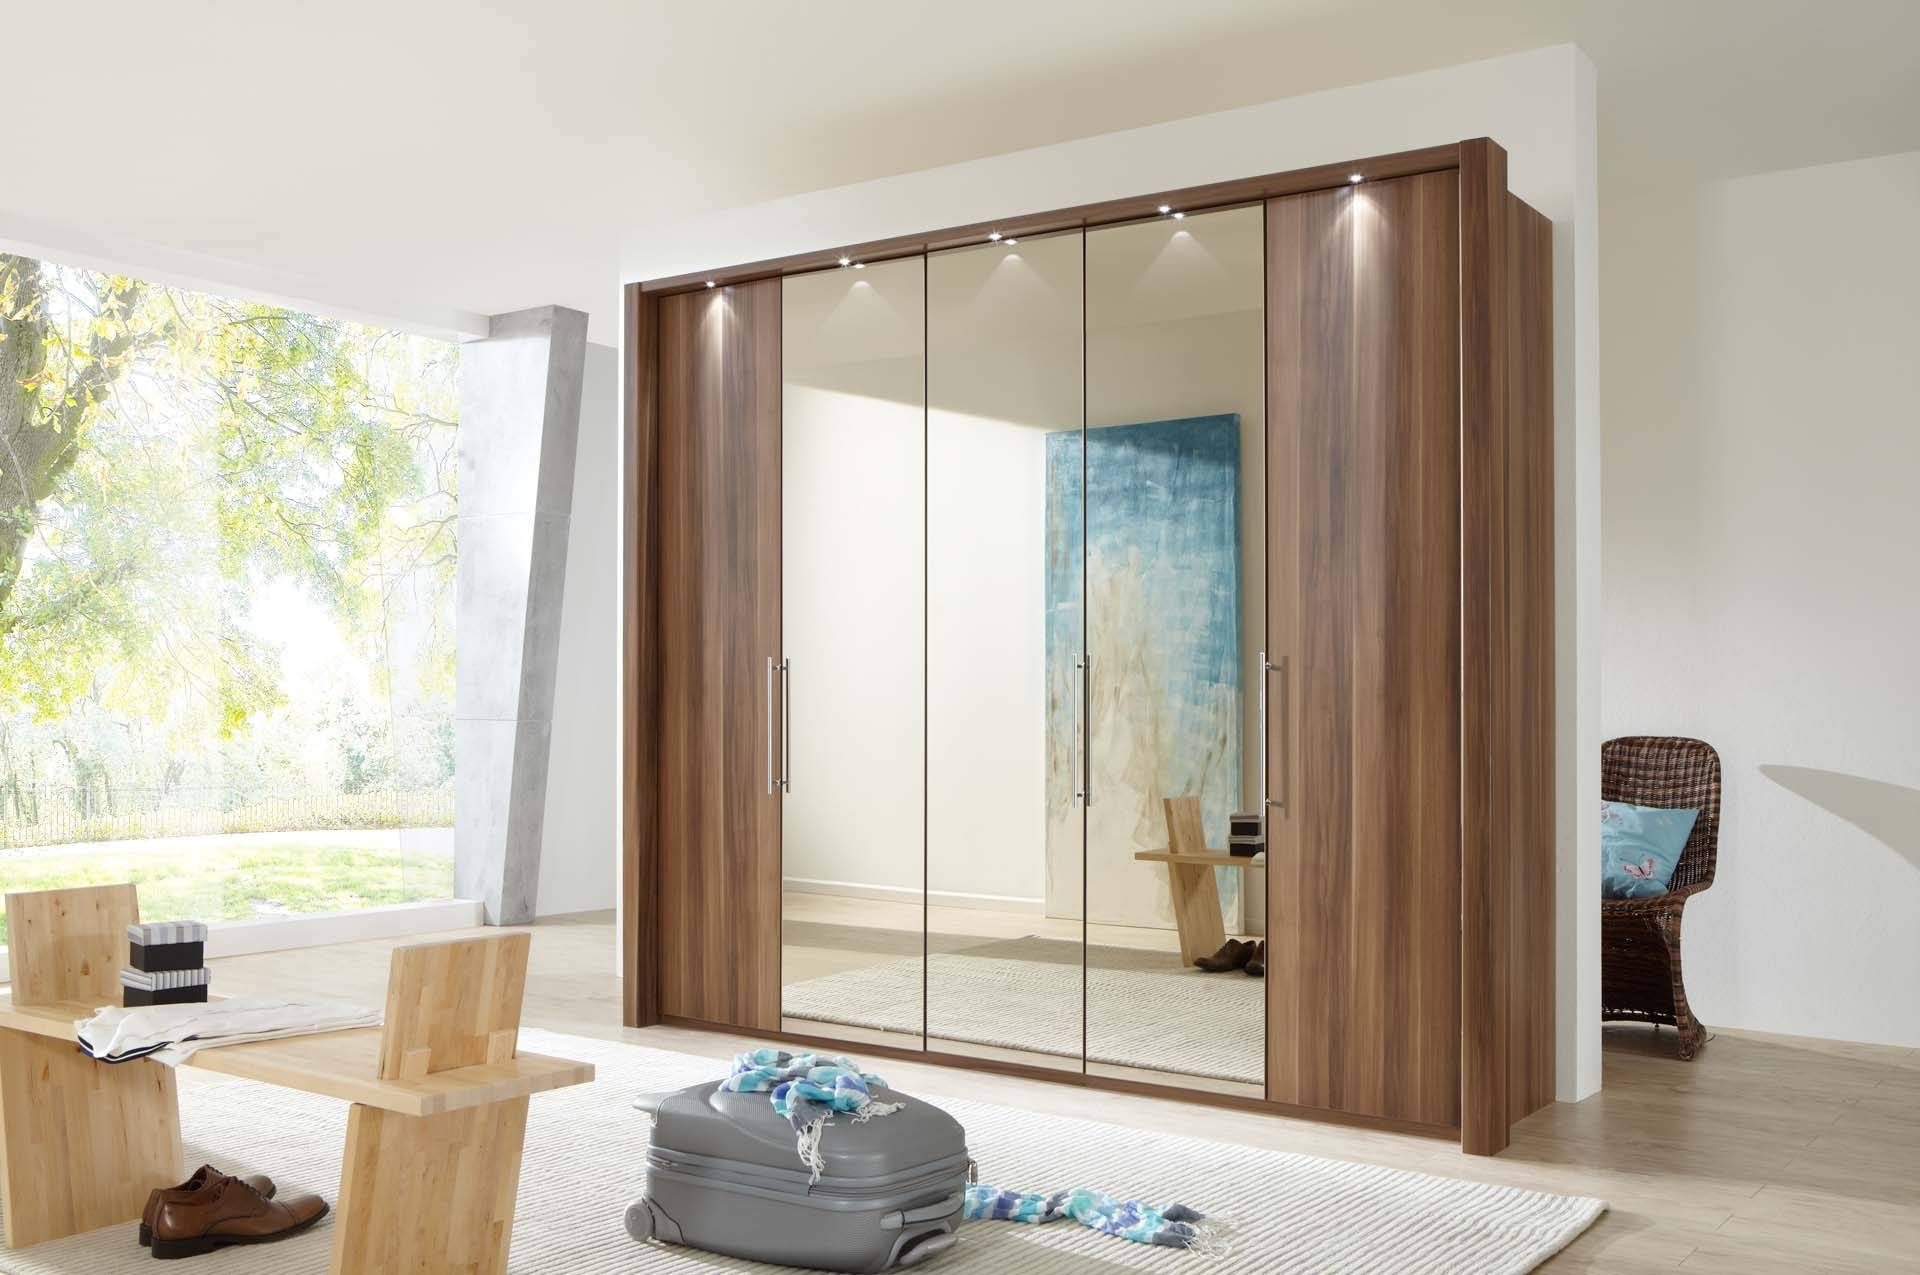 Kensington 5 Door Wardrobe | Crendon Beds & Furniturecrendon Beds Throughout 5 Door Wardrobes (View 5 of 15)